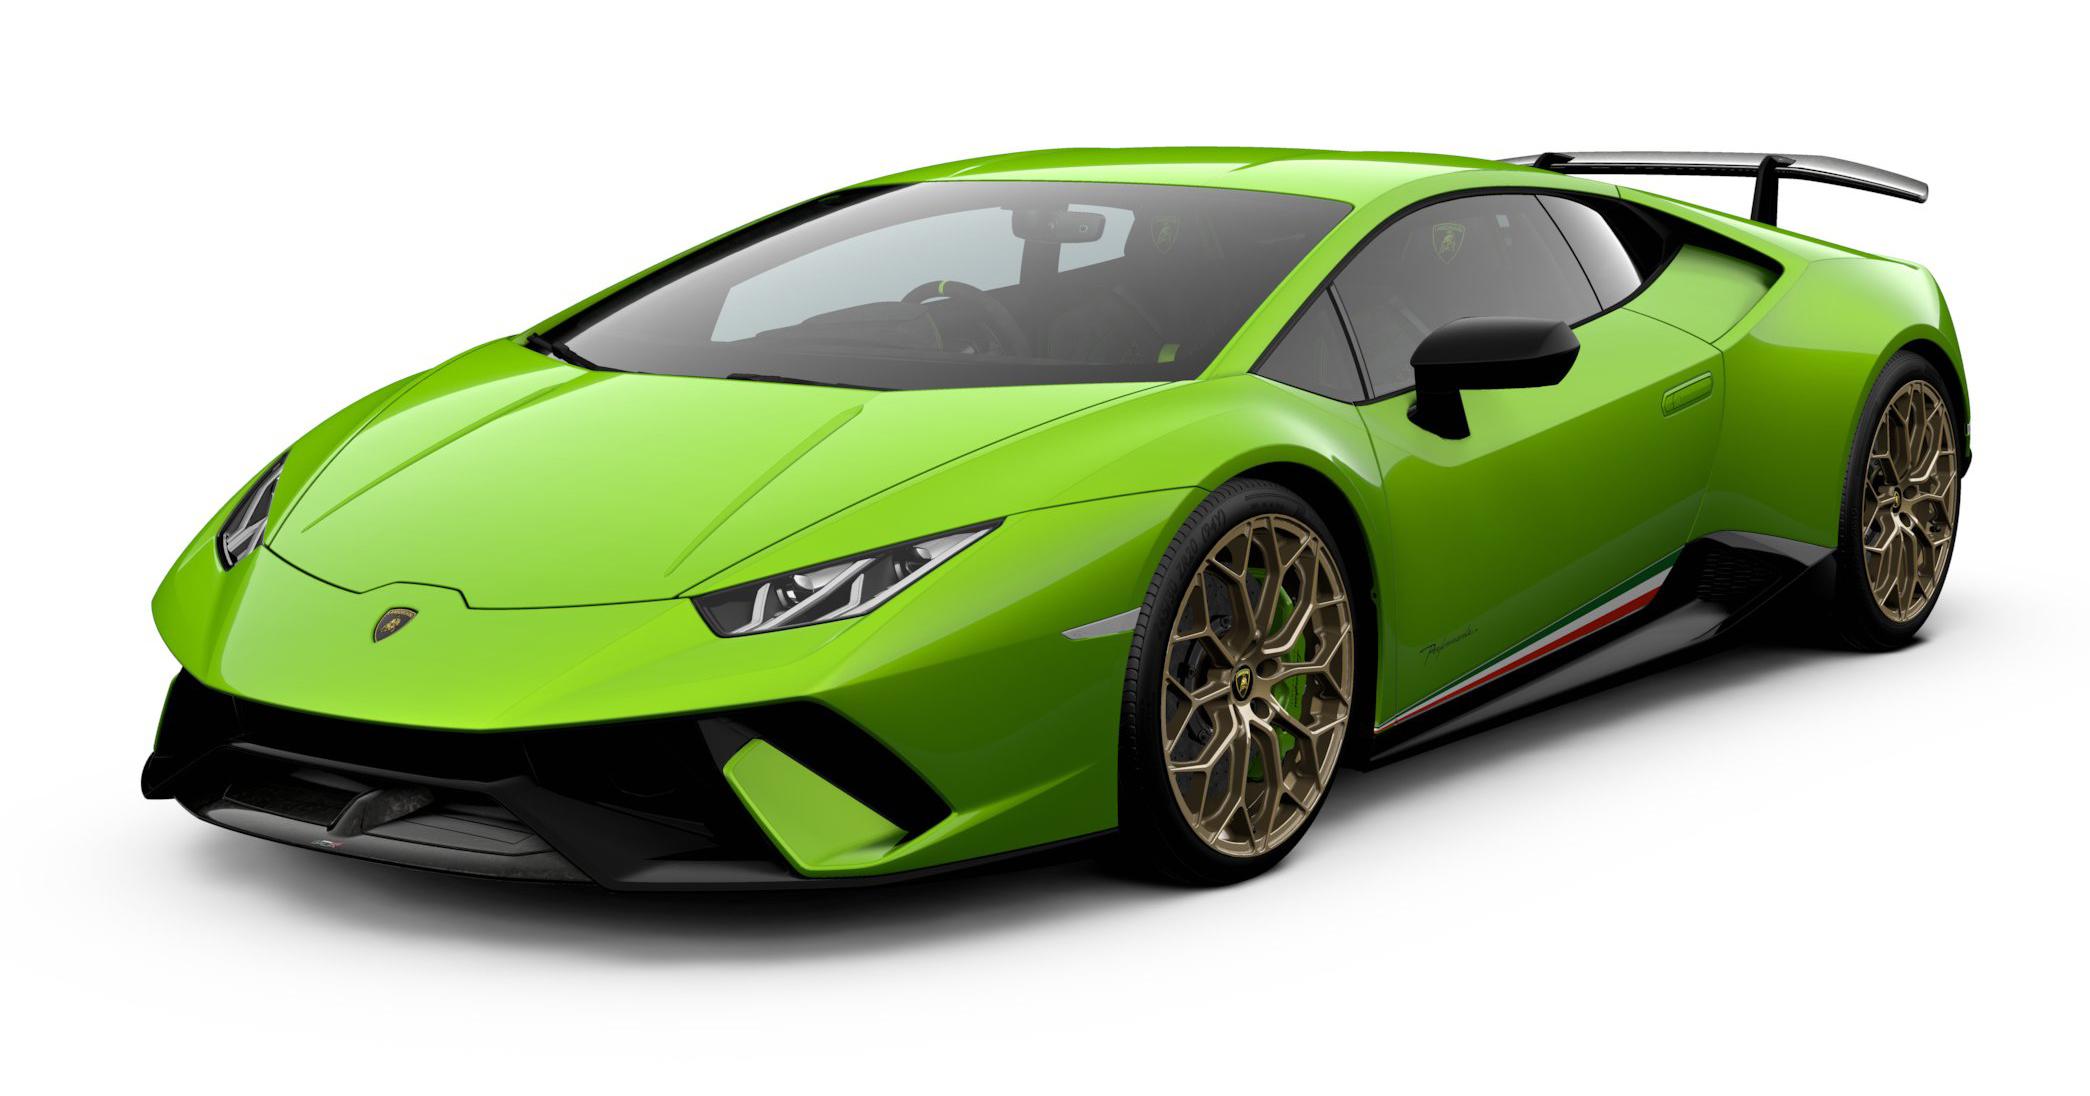 Maisto to Launch 118 scale Lamborghini Huracan Performante